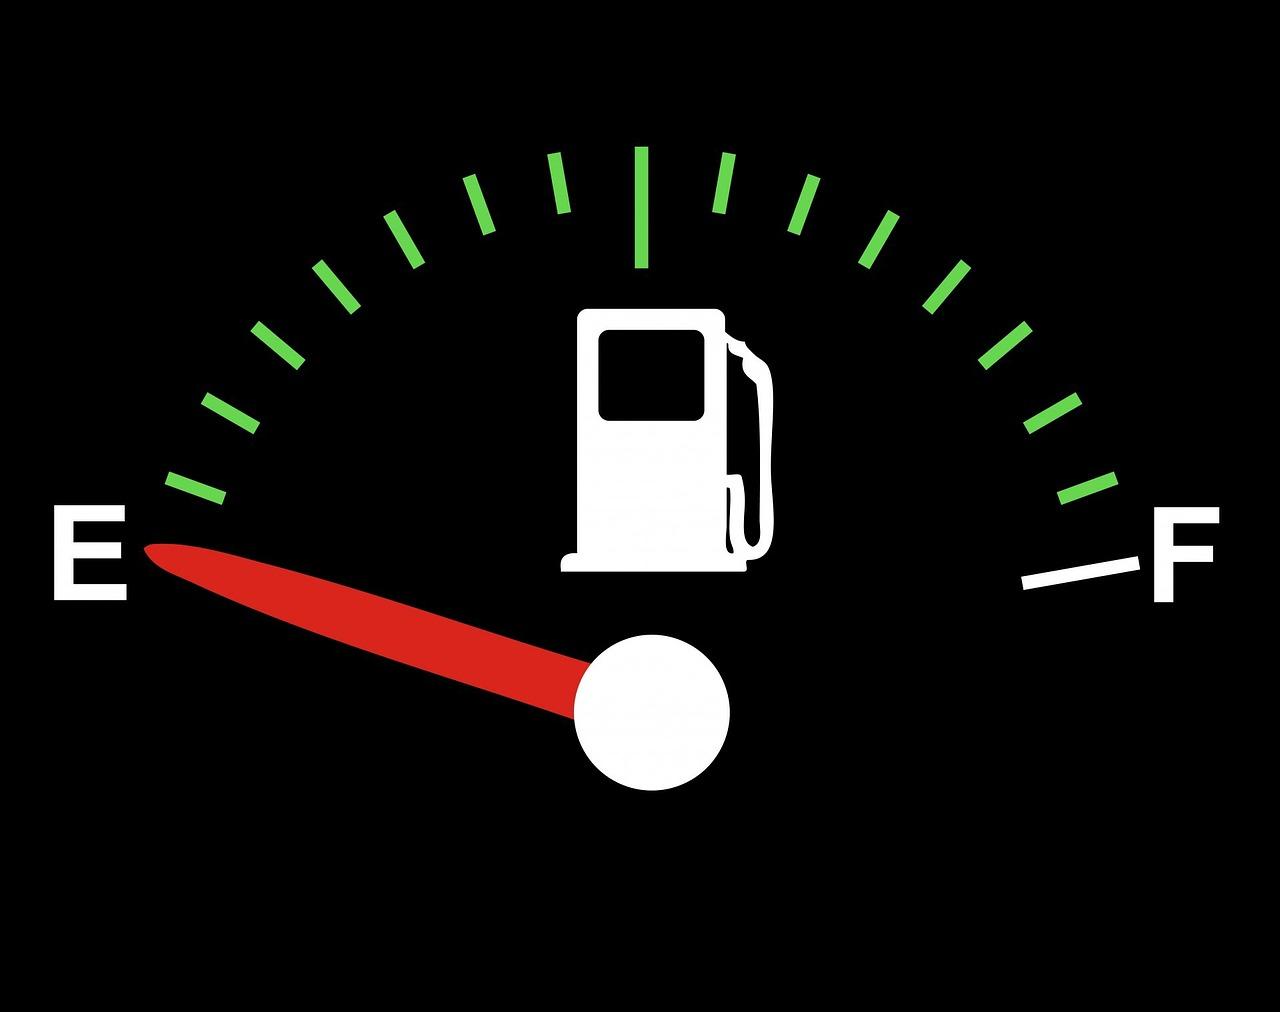 fuel-gauge-163728_1280.jpg